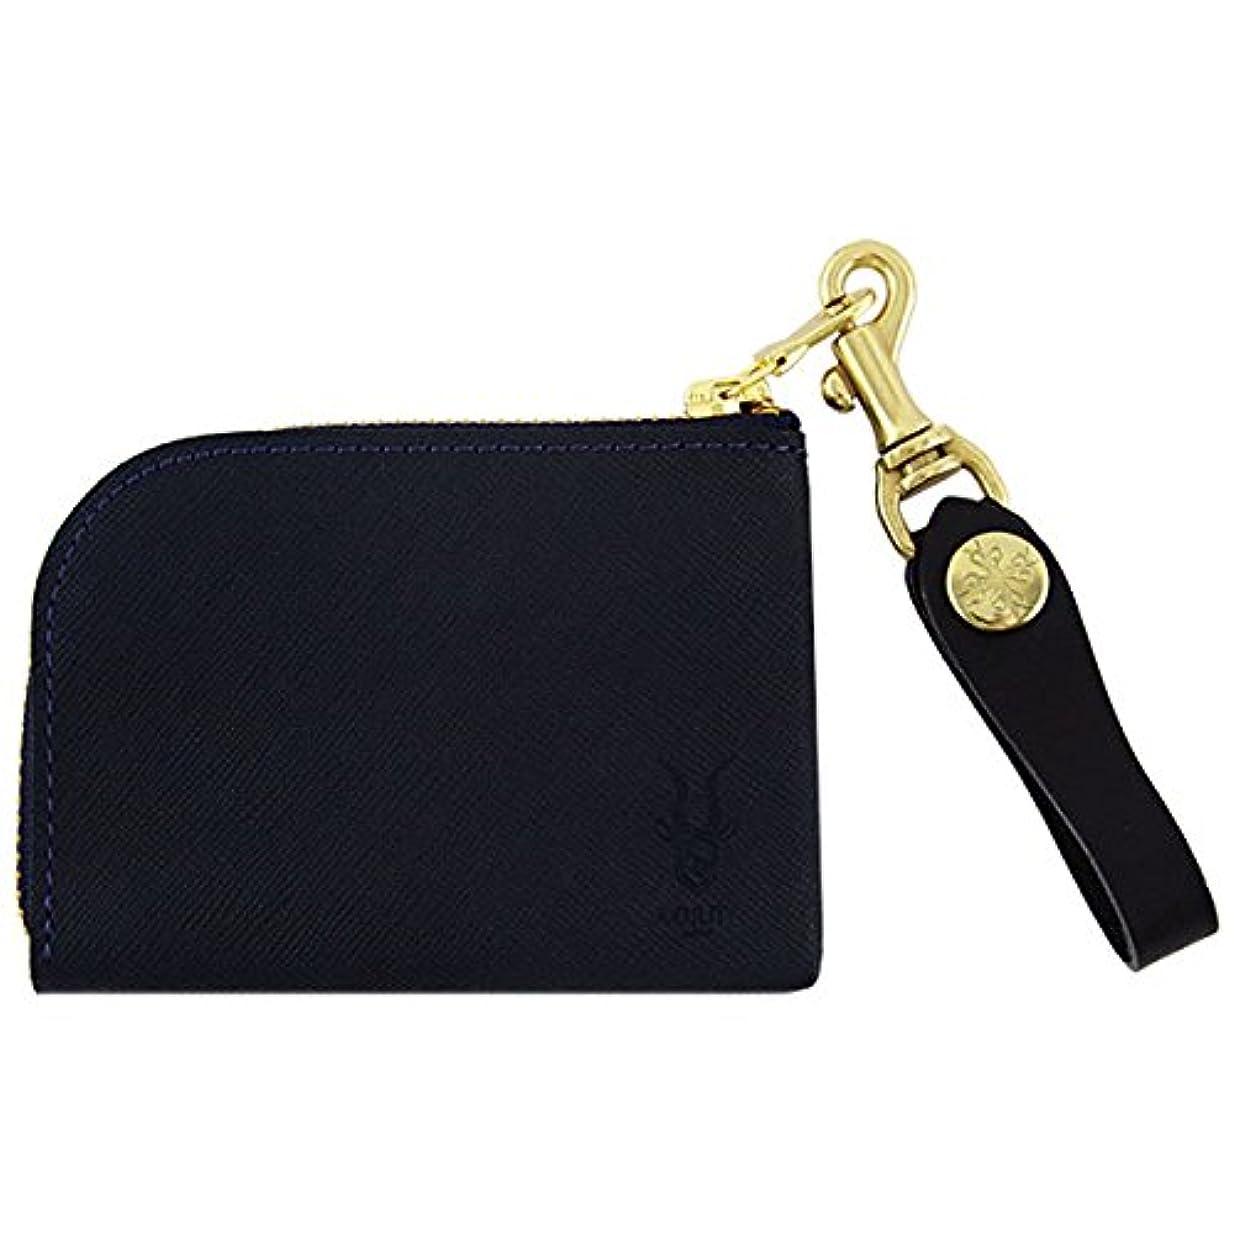 深遠弱まる通常アジリティ プレミオSG アルジャン L型財布 Agility 革のコインケース L字ファスナー 日本製 ネイビー